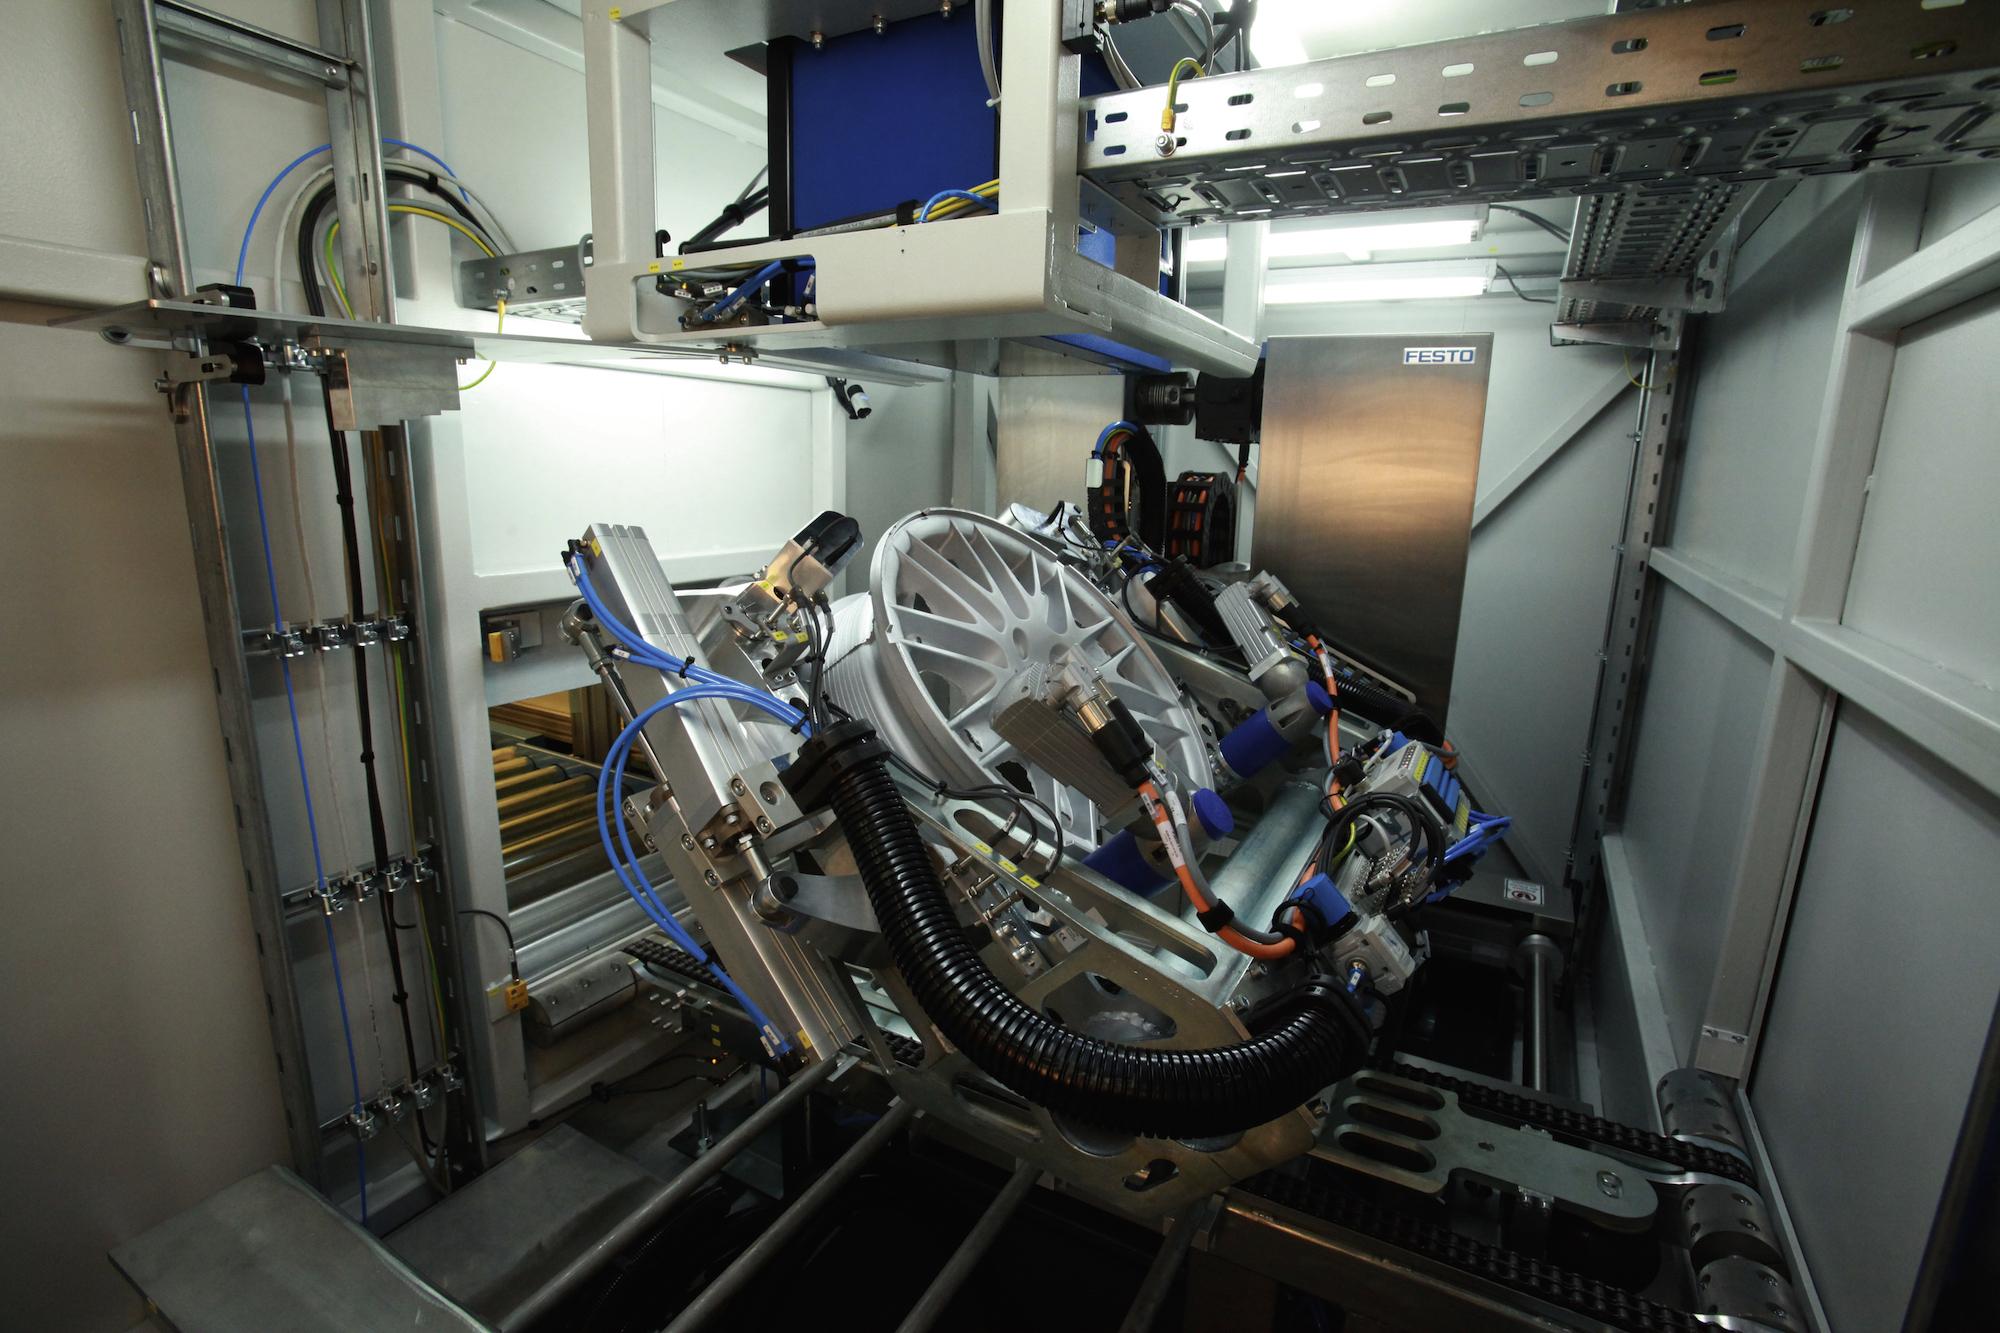 Bild 3: Blick in die Räderprüfanlage HeiDetect Wheel des Herstellers Erhardt + Abt (Quelle: Erhardt + Abt Automatisierungstechnik GmbH)